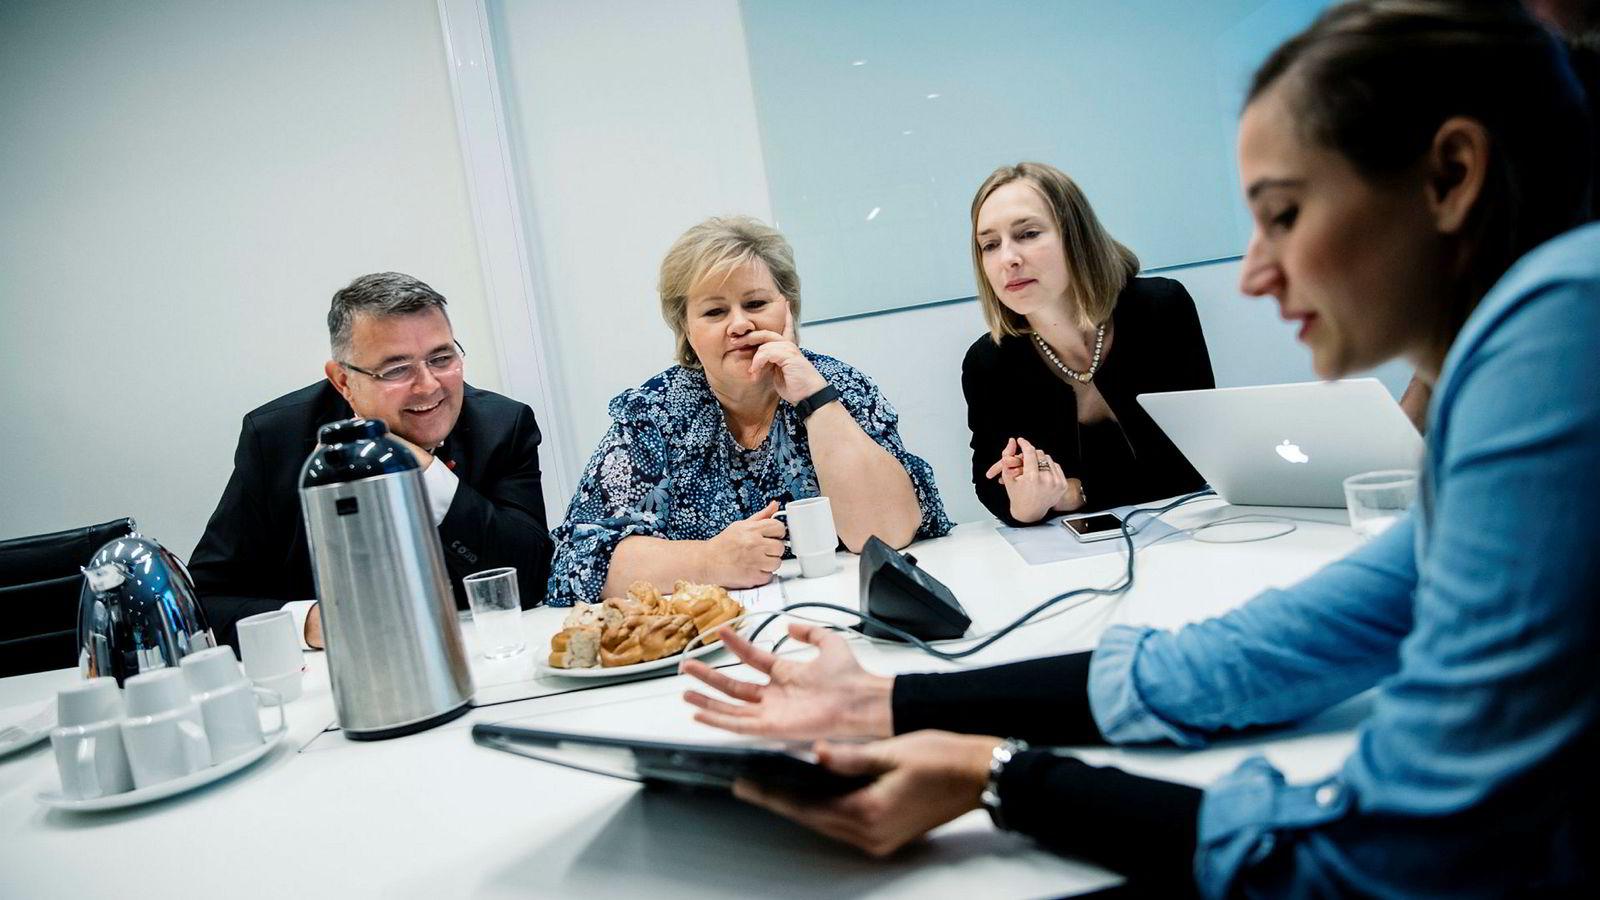 Sarah Müller i selskapet Imerso (t.h) viser oljeminister Kjell Børge Freiberg, statsminister Erna Solberg og forskningsminister Iselin Nybø ny teknologi for å kutte kostnadsoverskridelser i bygg.